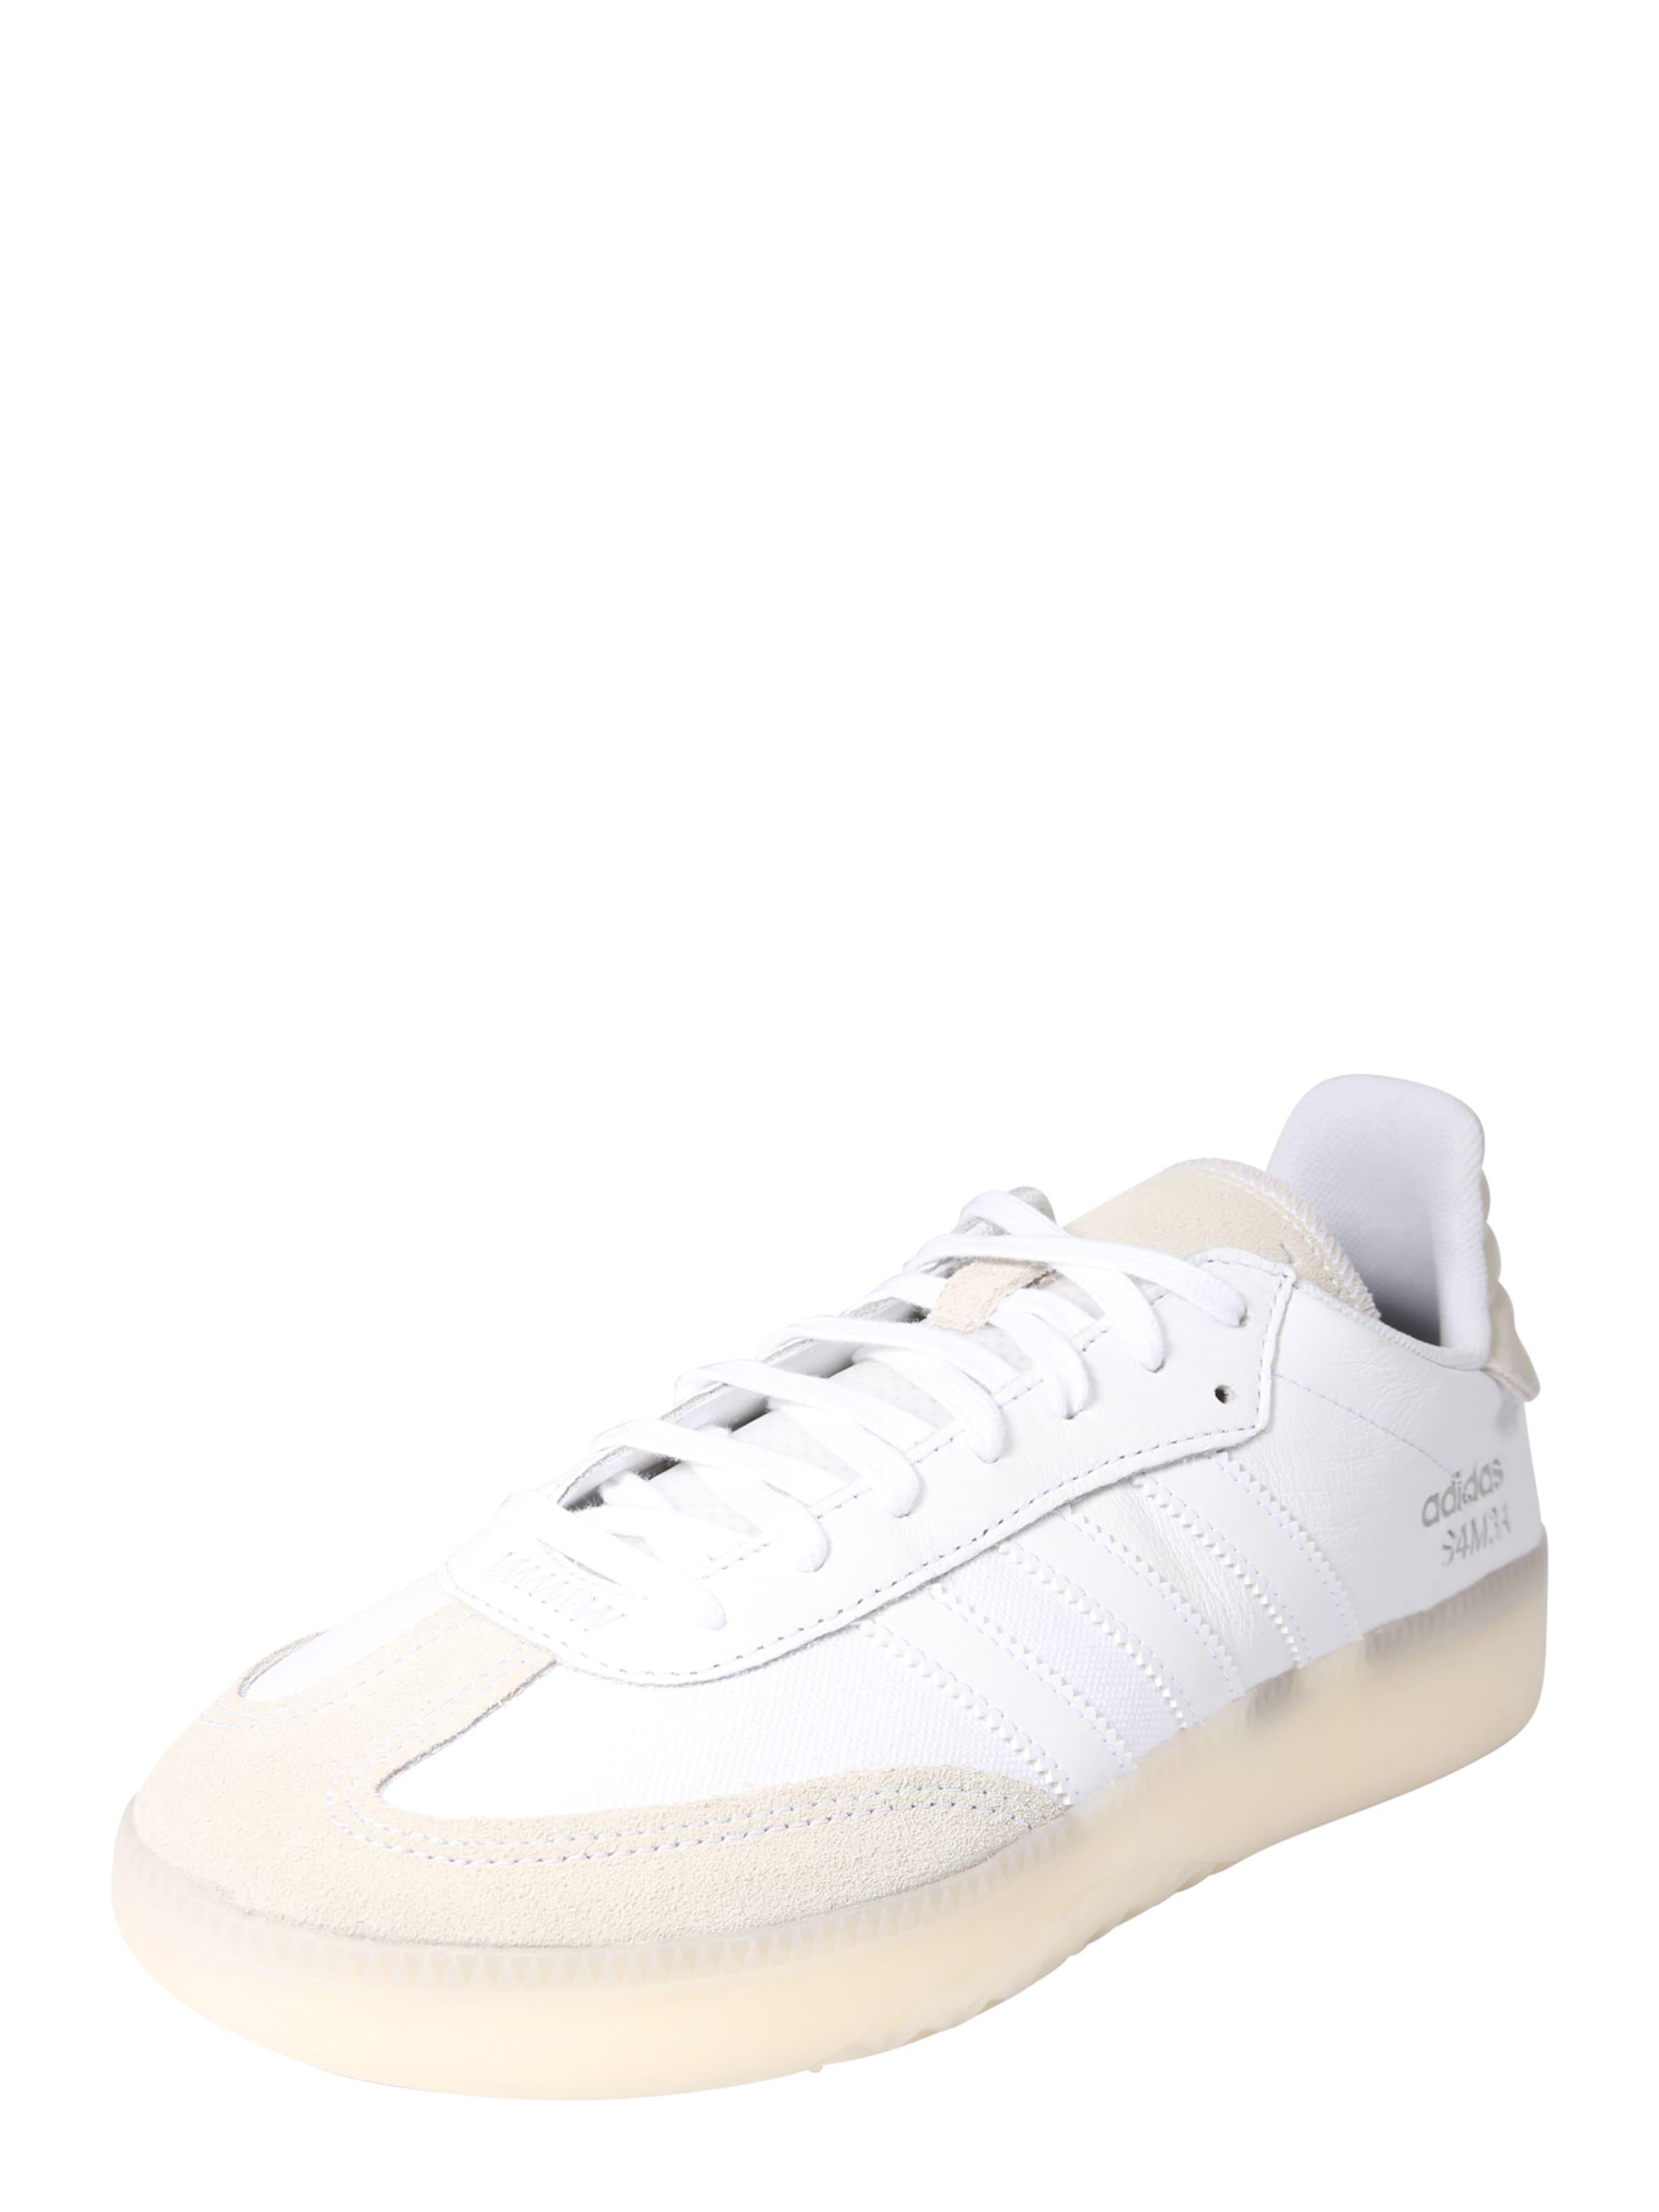 Clair 'samba' Adidas Blanc Baskets En Originals Basses Gris AxaqTwS